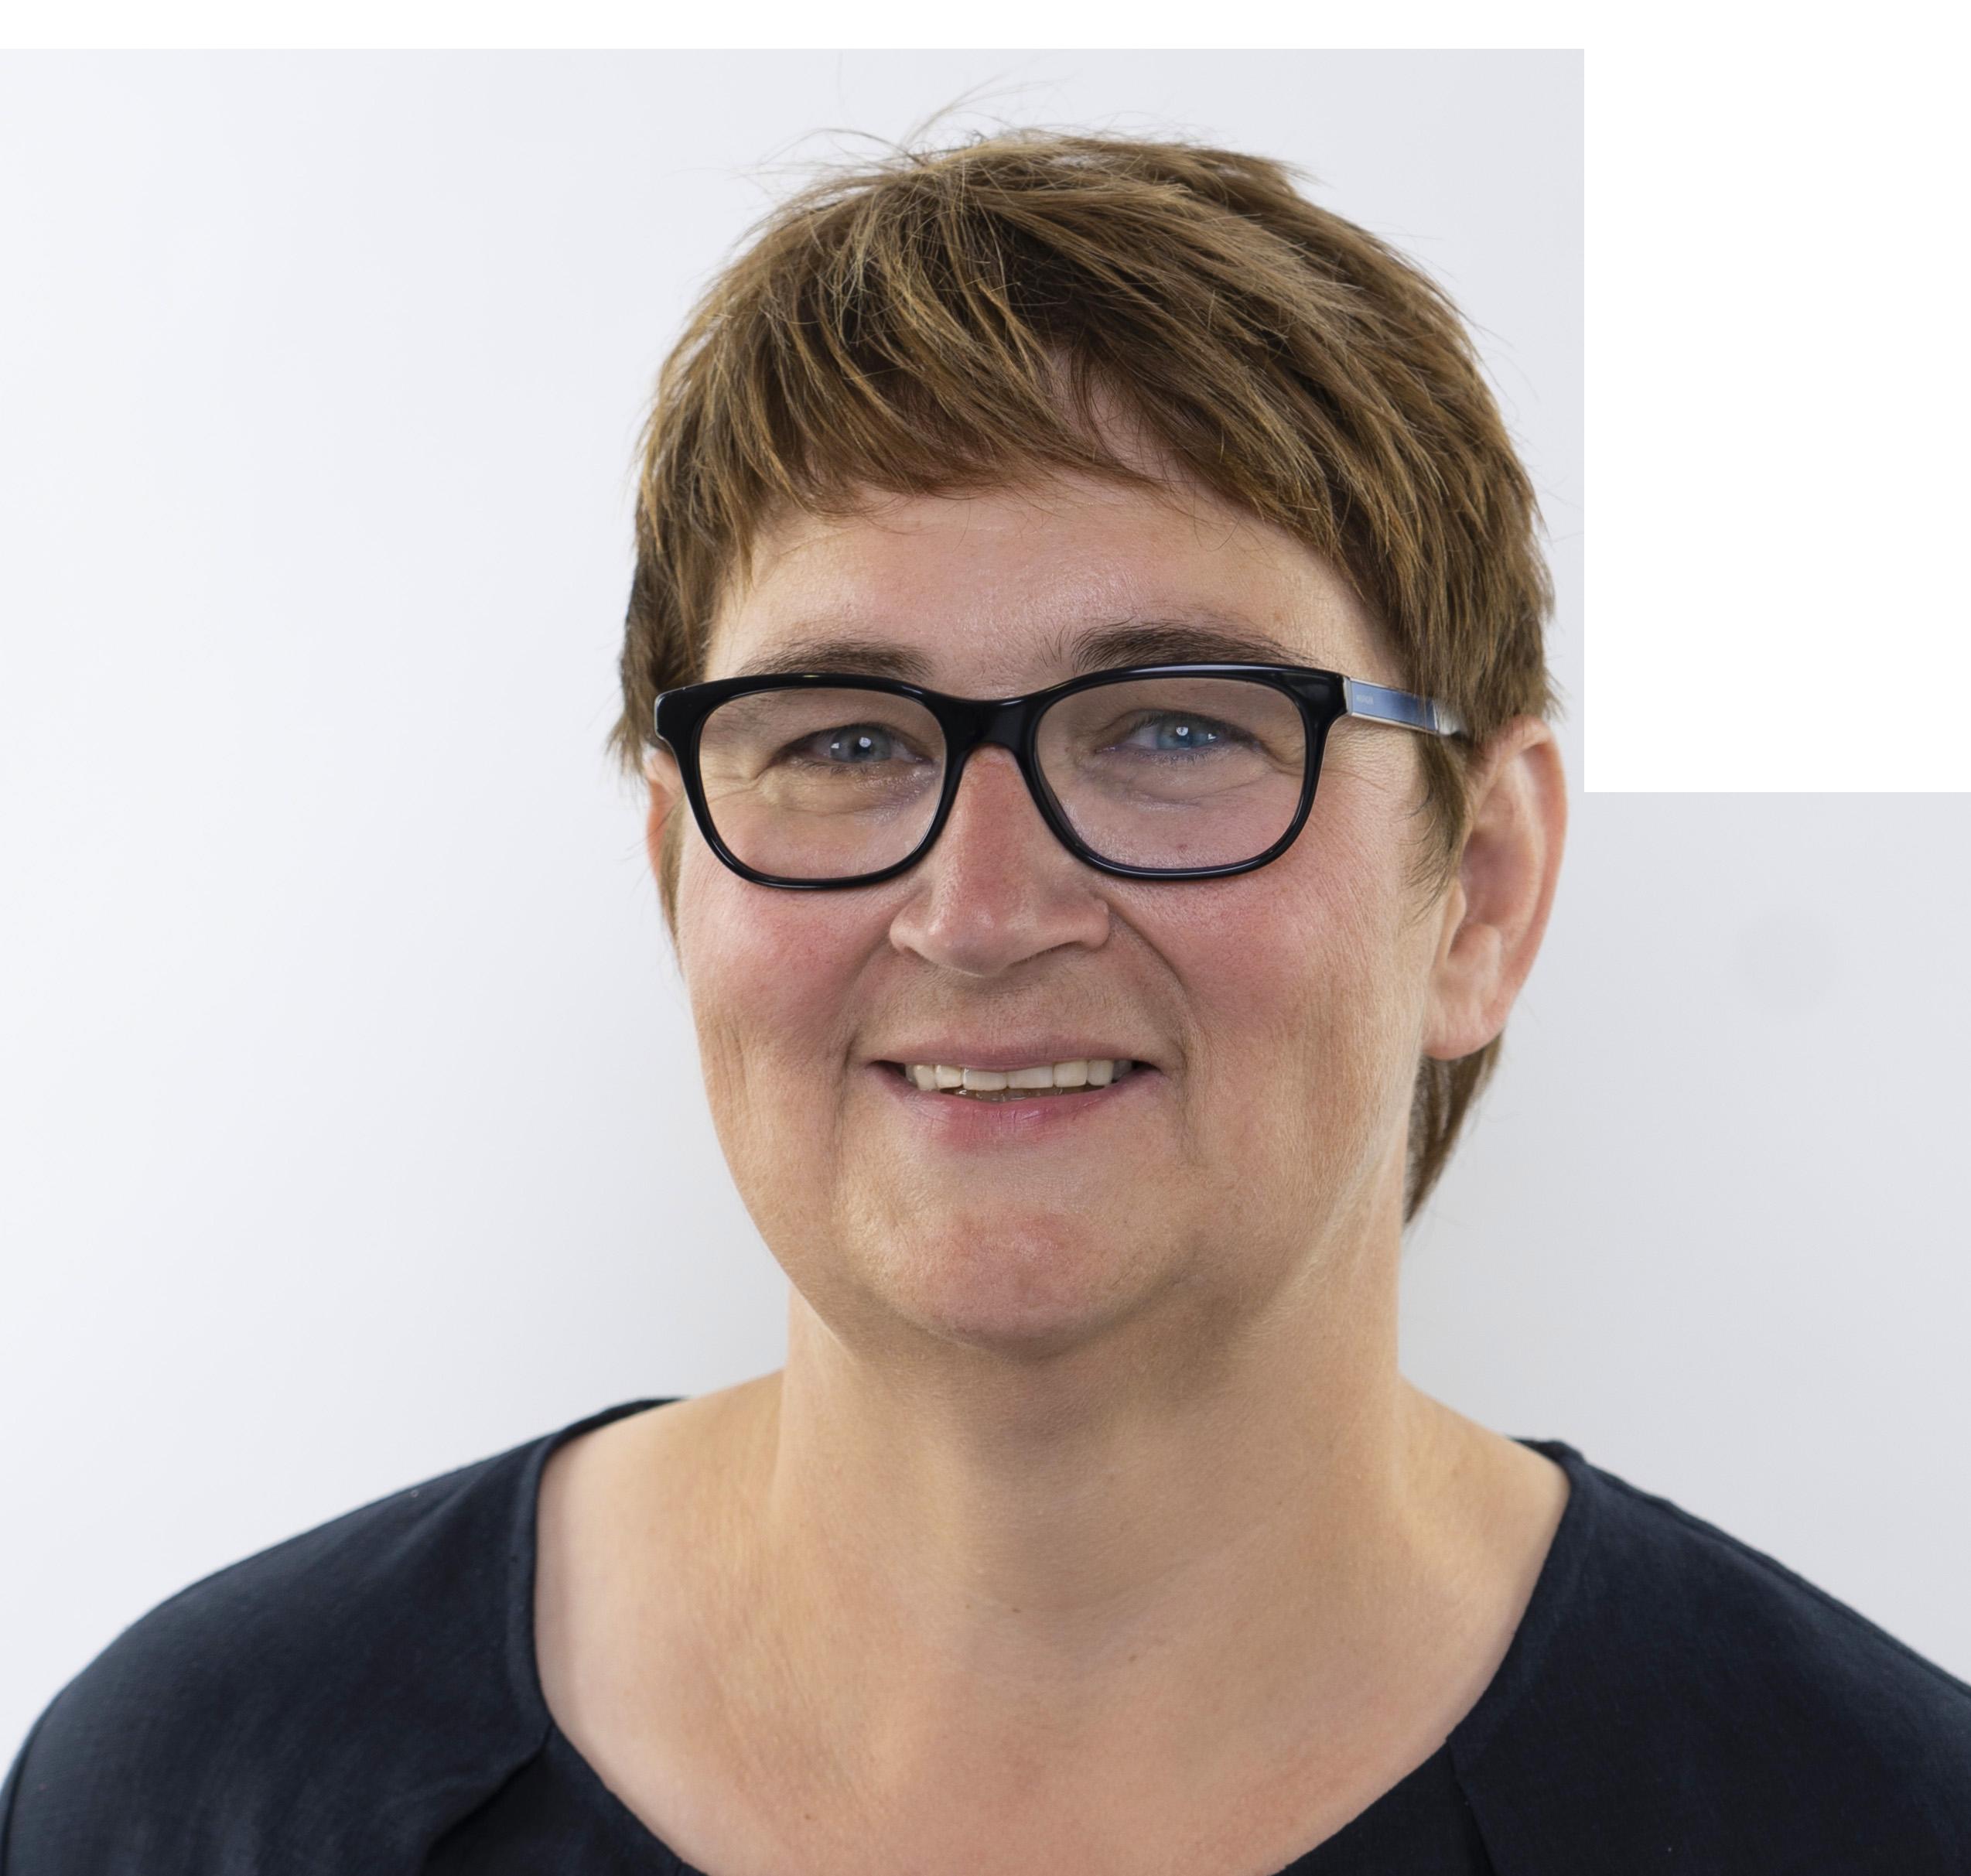 Eine Dame mit moderner, schwarzer Brille lächelt freundlich in die Kamera.